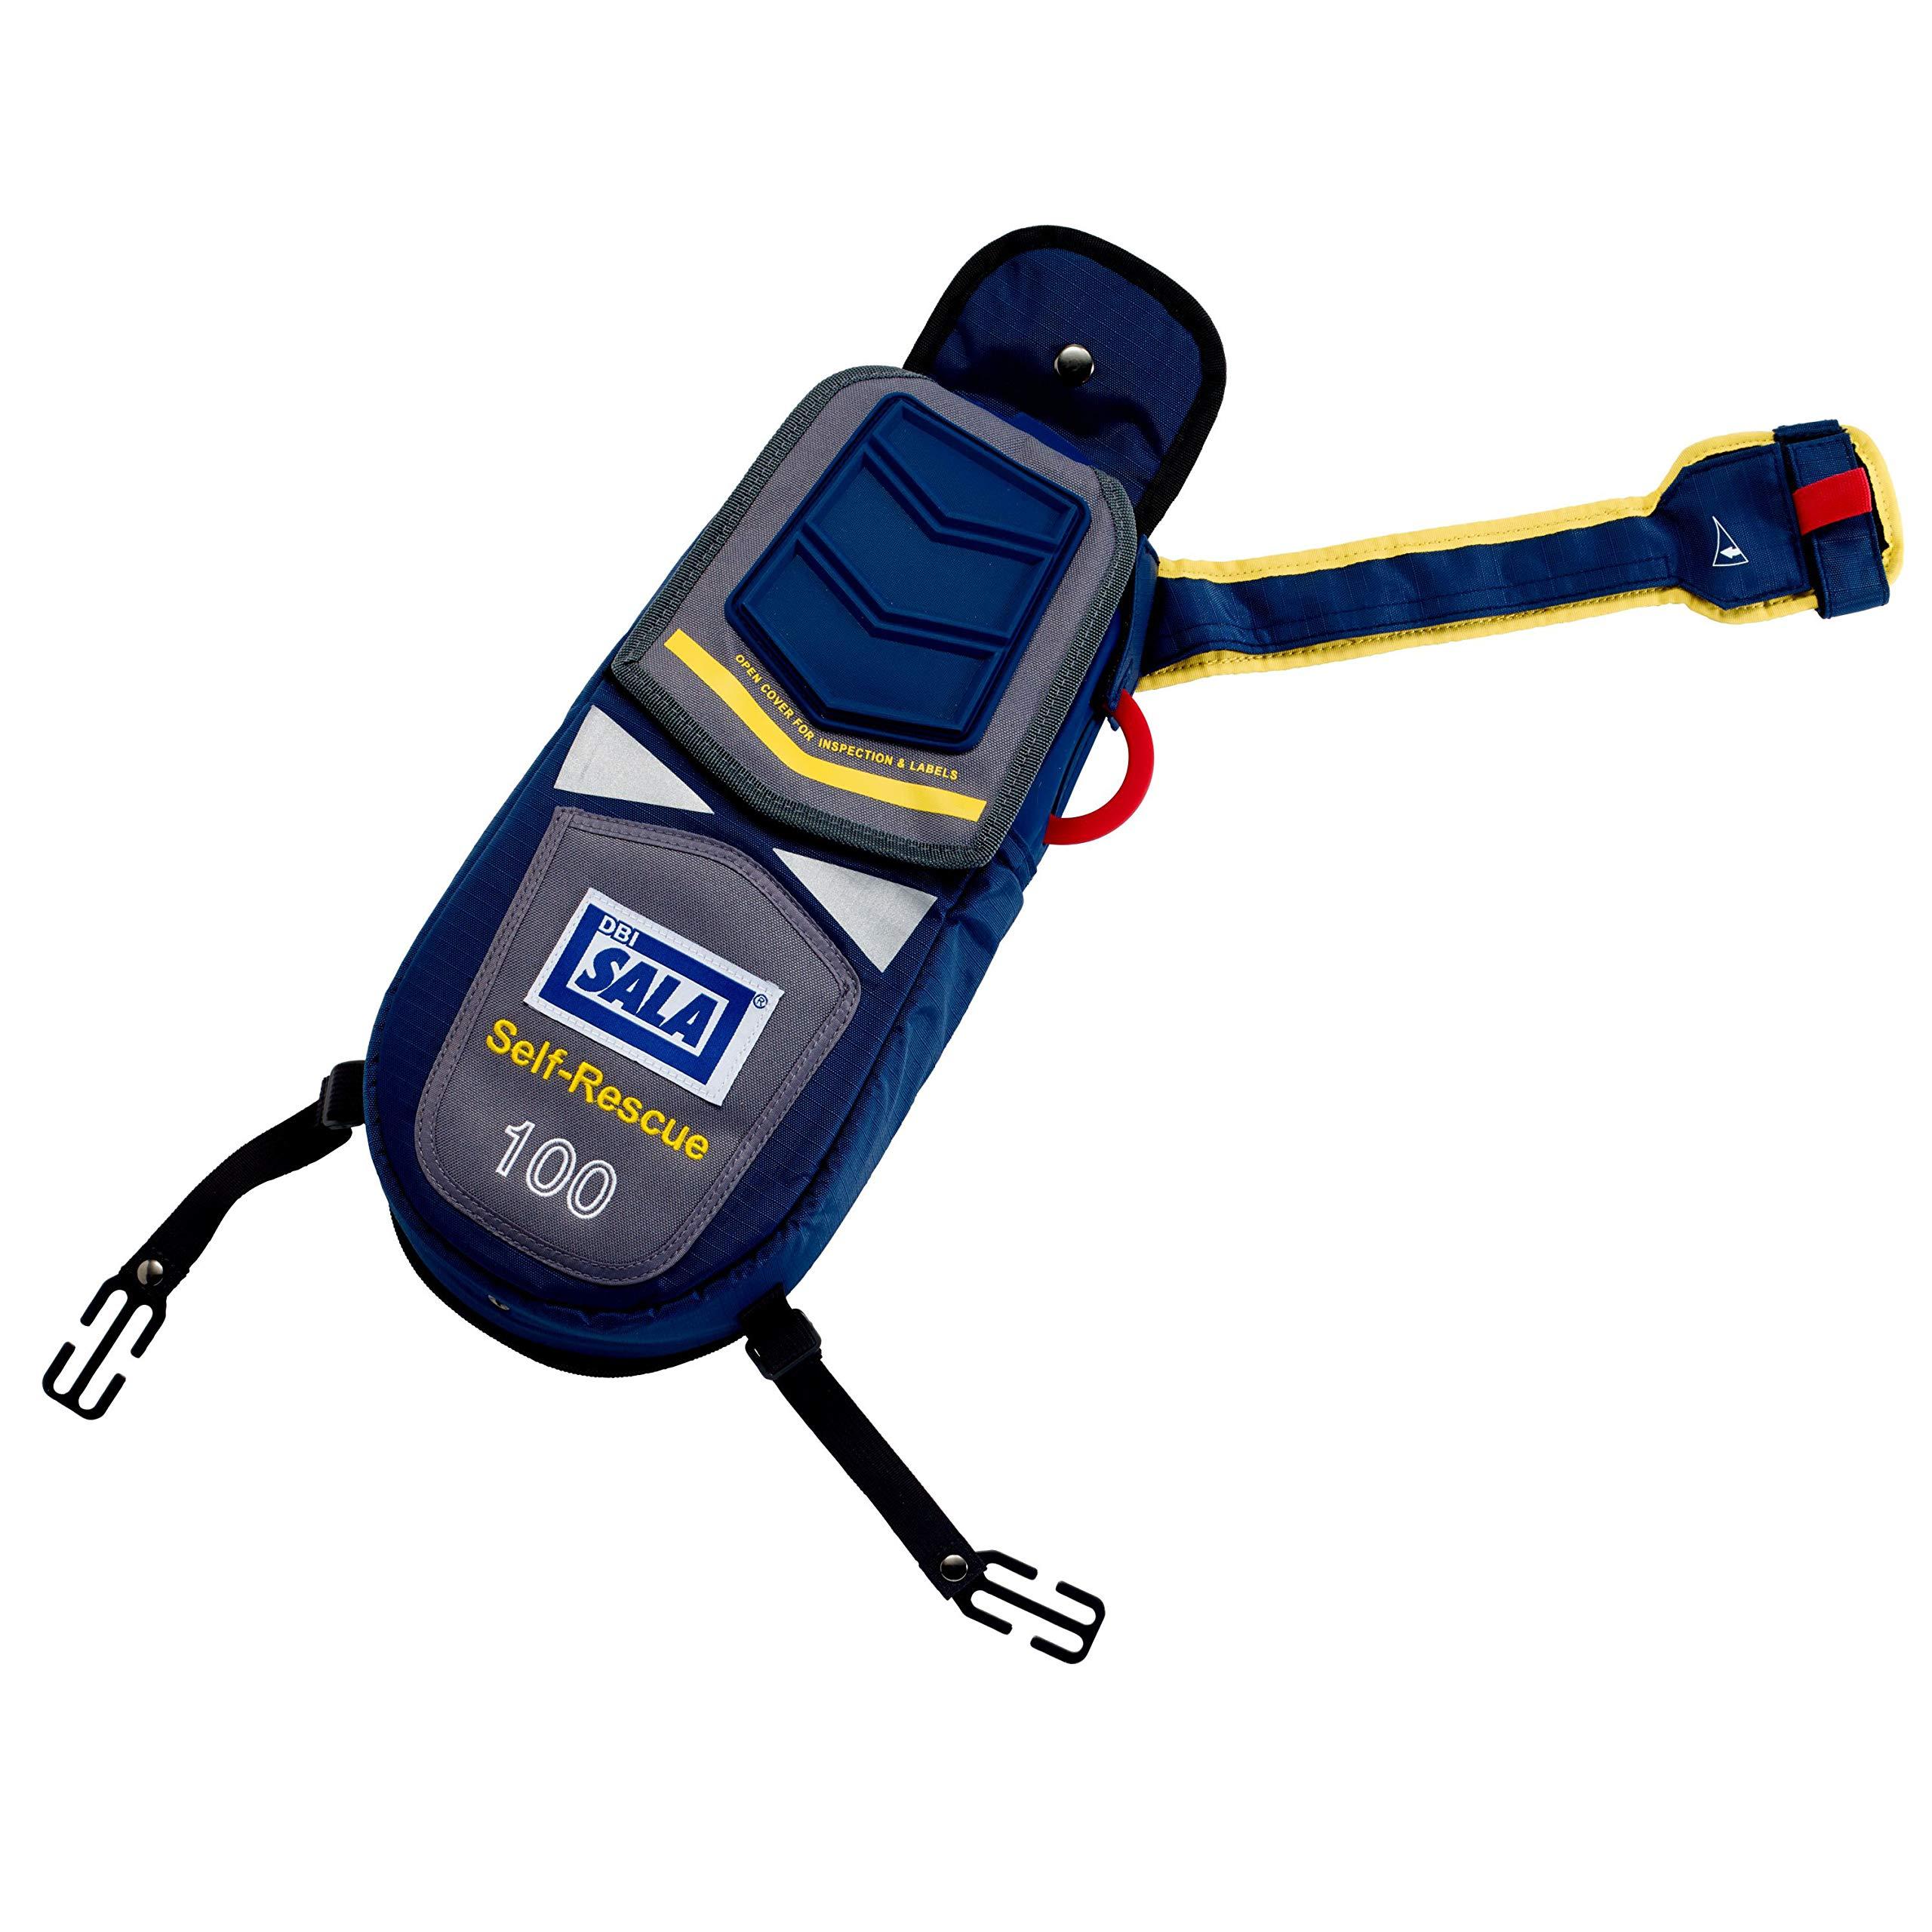 3M DBI-Sala Self-Rescue 100 3320031, Blue, 1 Ea